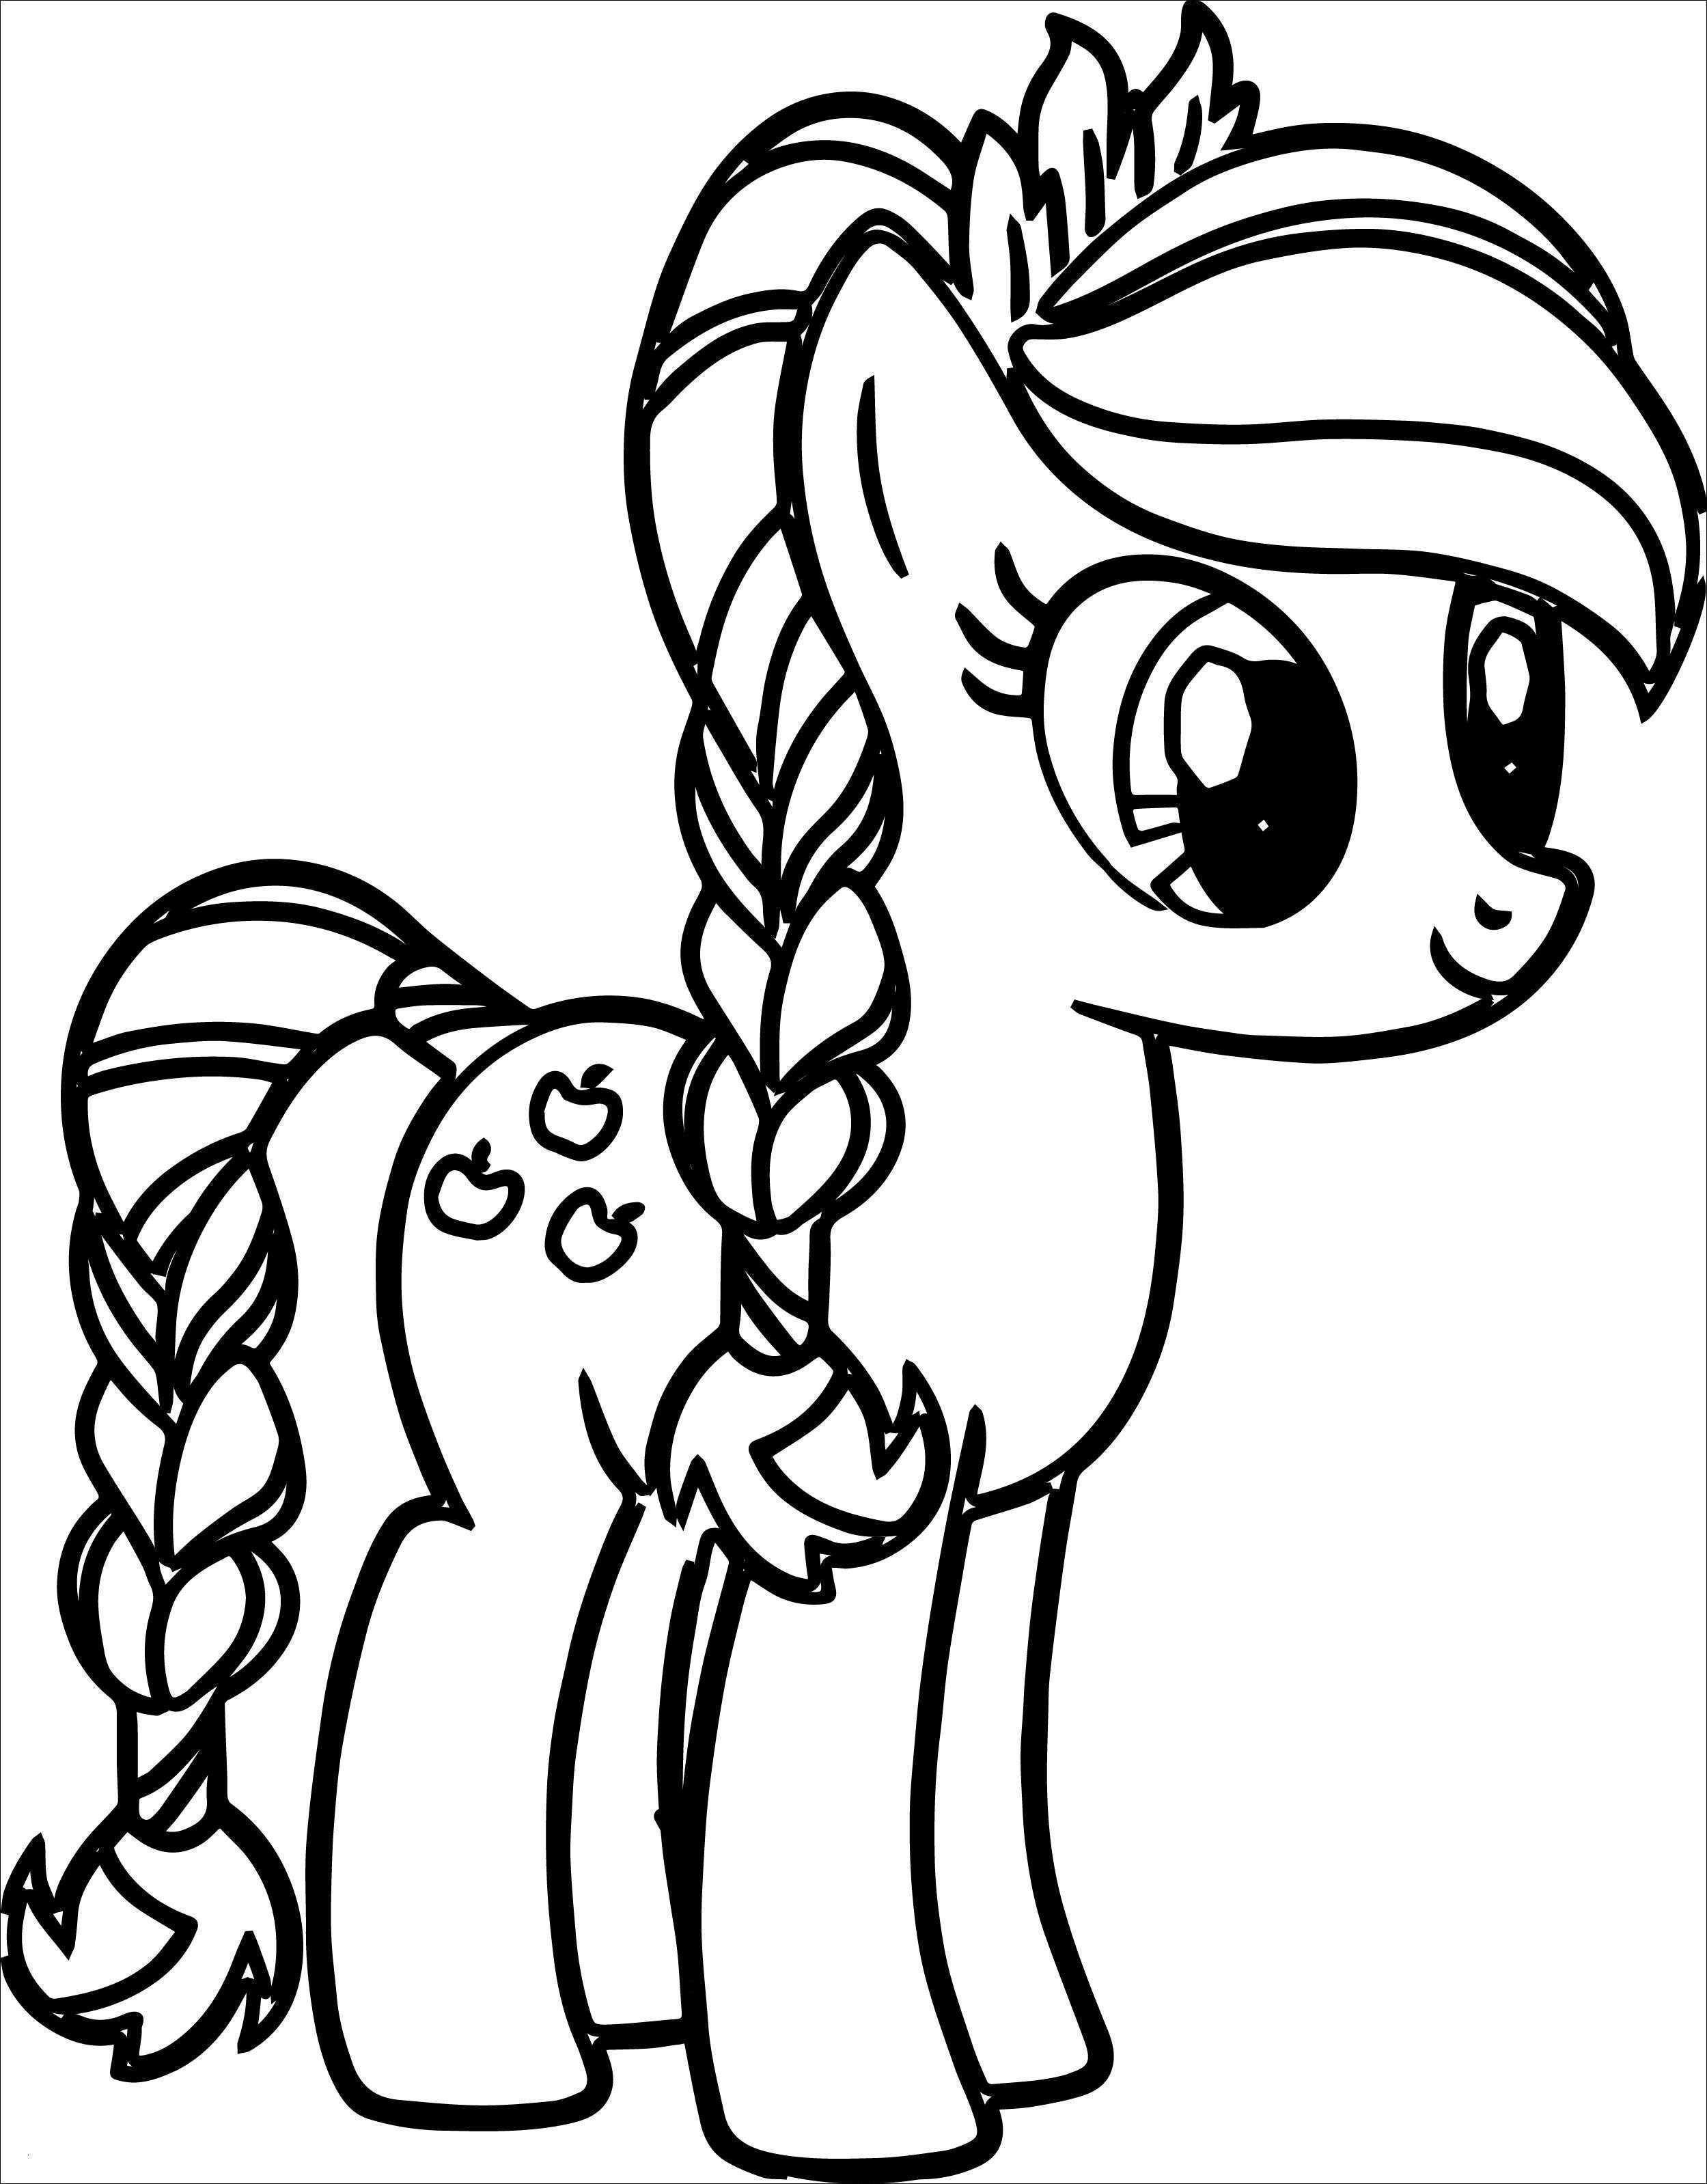 My Little Pony Ausmalbilder Kostenlos Frisch My Little Pony Ausmalbilder Bild 35 Coloring Pages for Girls My Das Bild